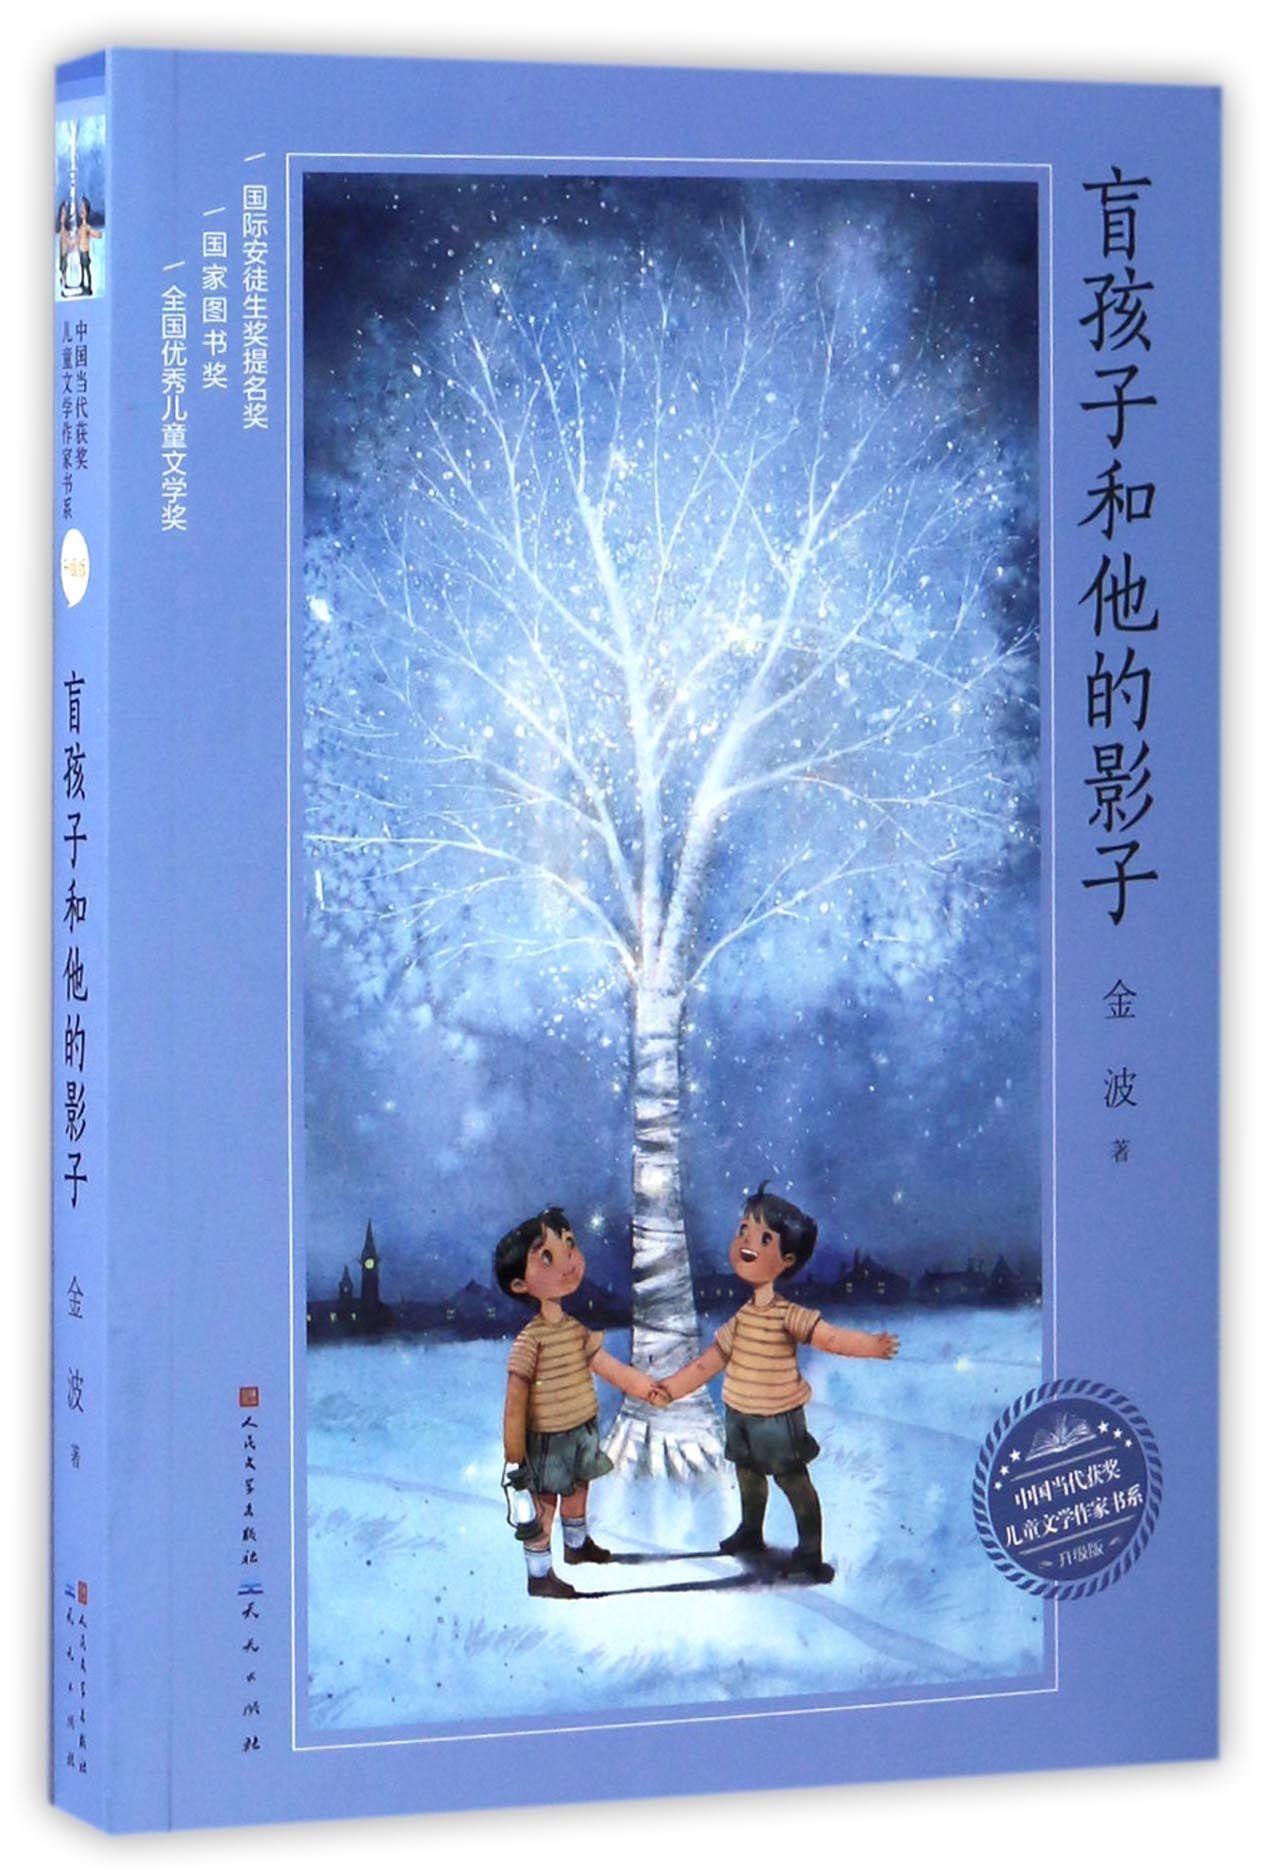 盲孩子和他的影子The Blind Kid and His Shadow 金波Jin Bo